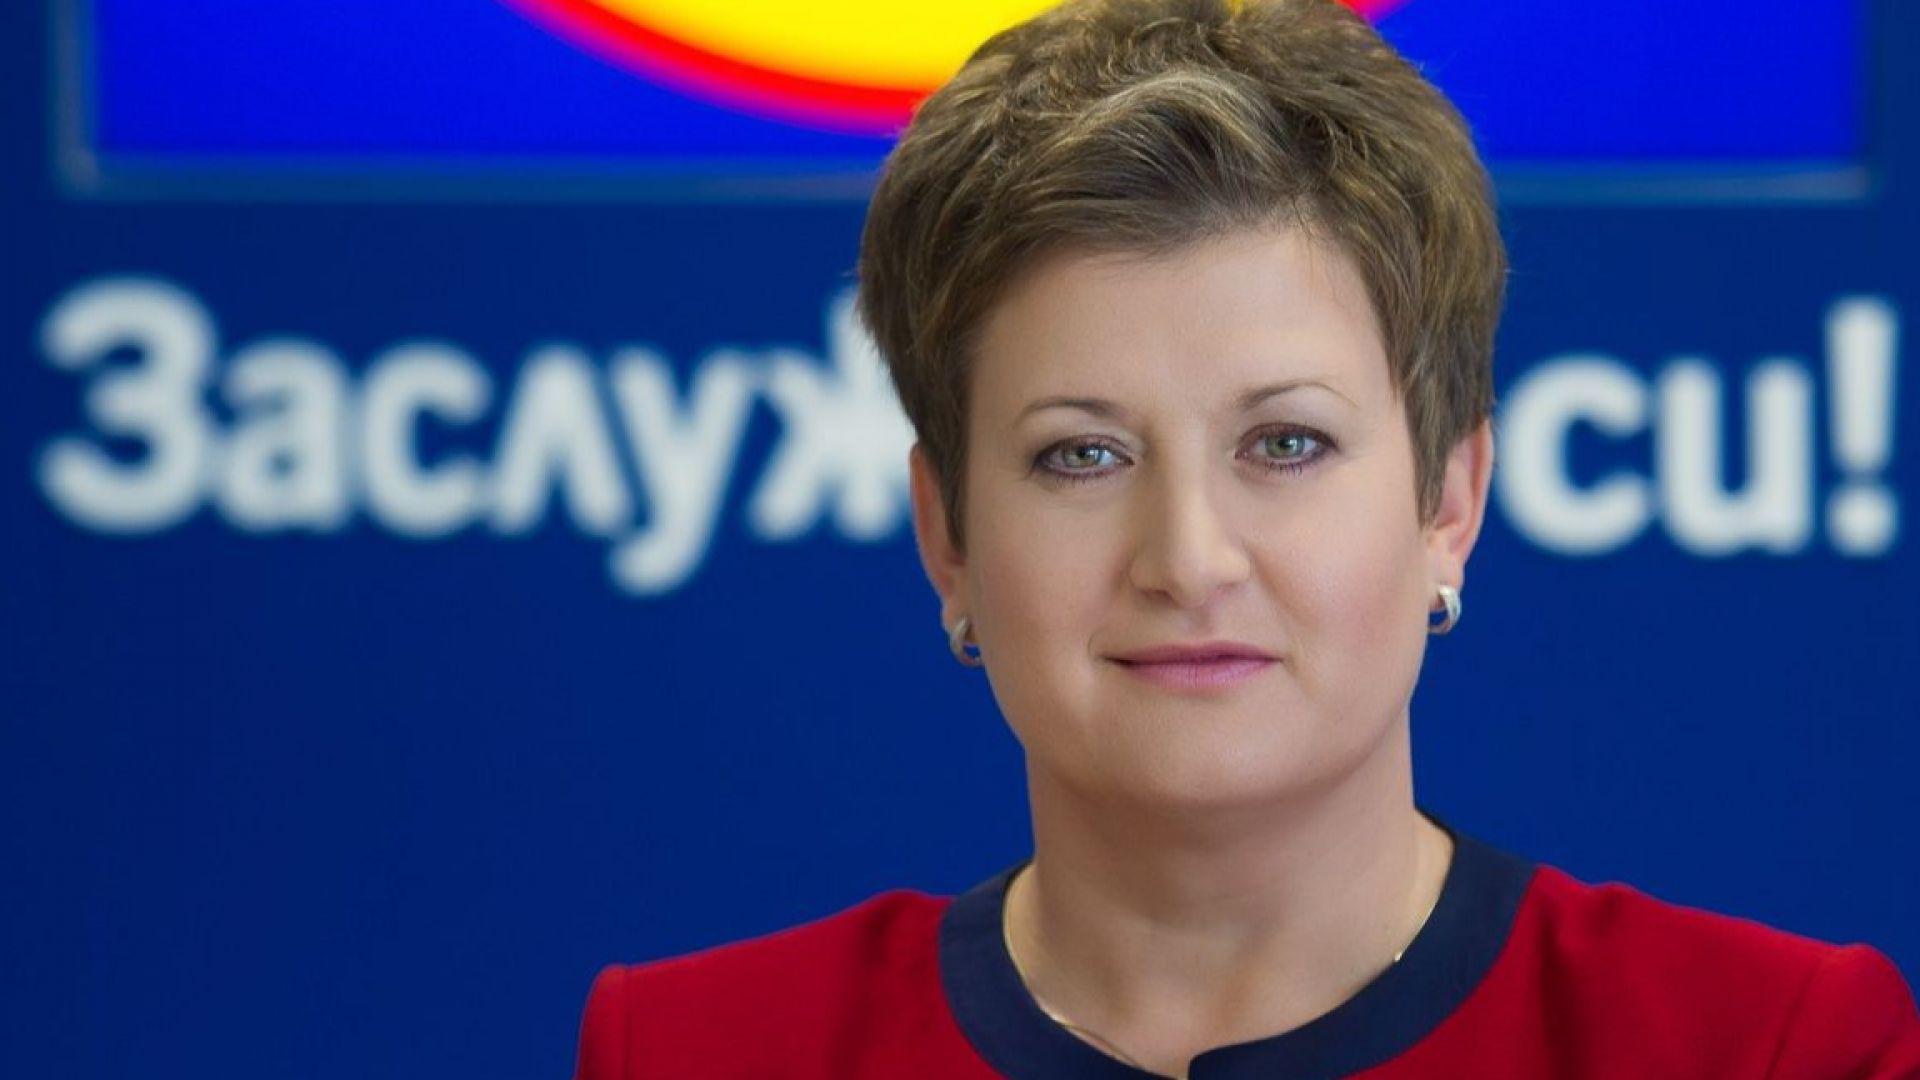 Милена Драгийска, изпълнителен директор на Лидл: Инвестирахме 1 млрд. лв. и създадохме 102 магазина в България